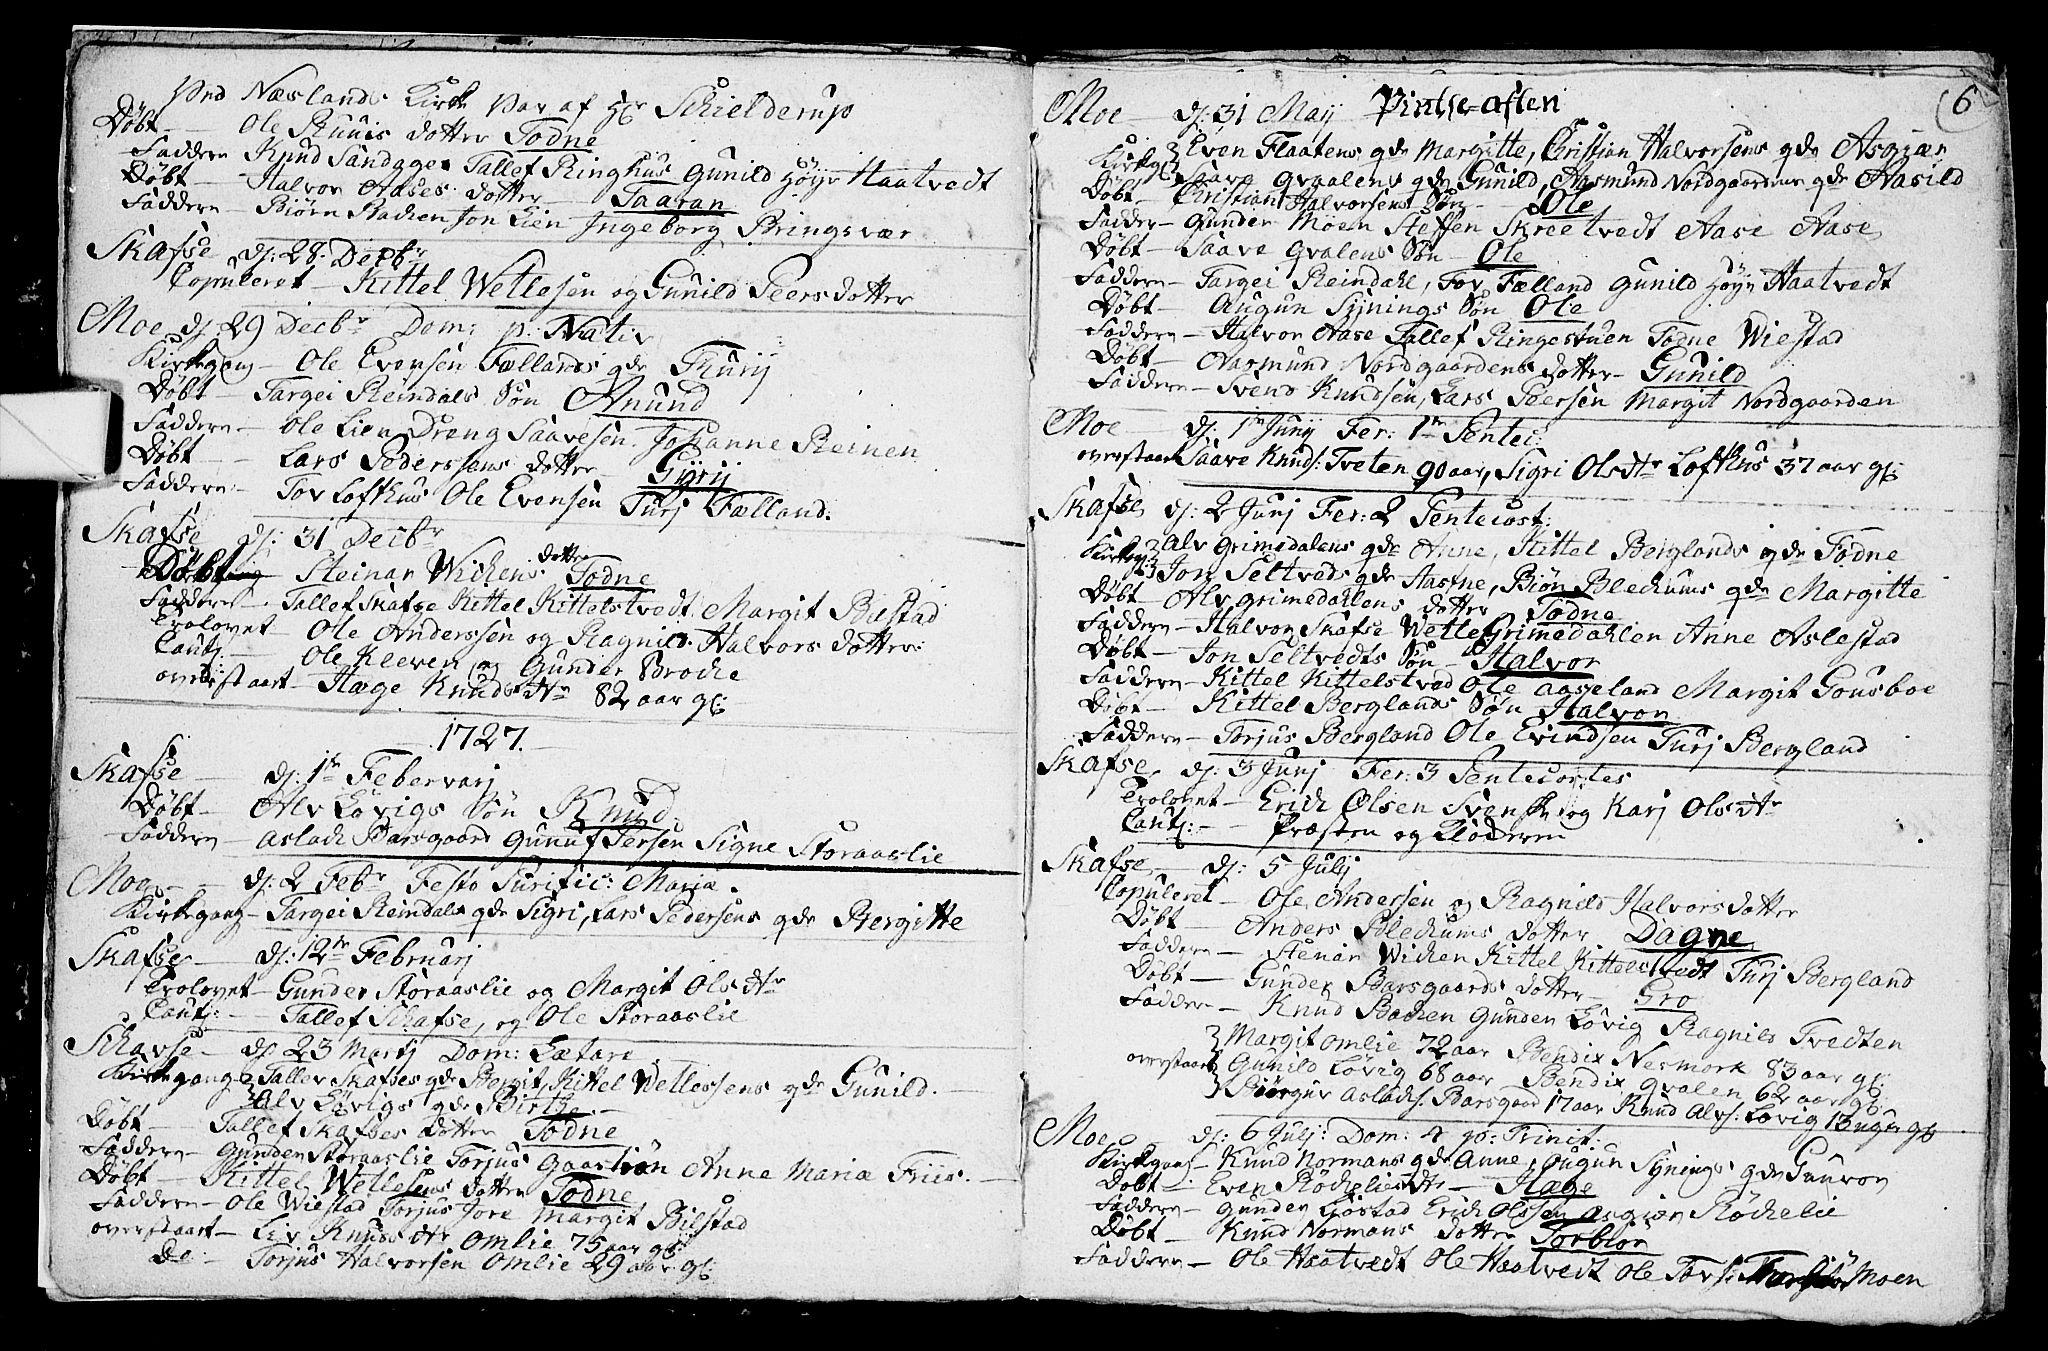 SAKO, Mo kirkebøker, F/Fa/L0001: Ministerialbok nr. I 1, 1724-1748, s. 6